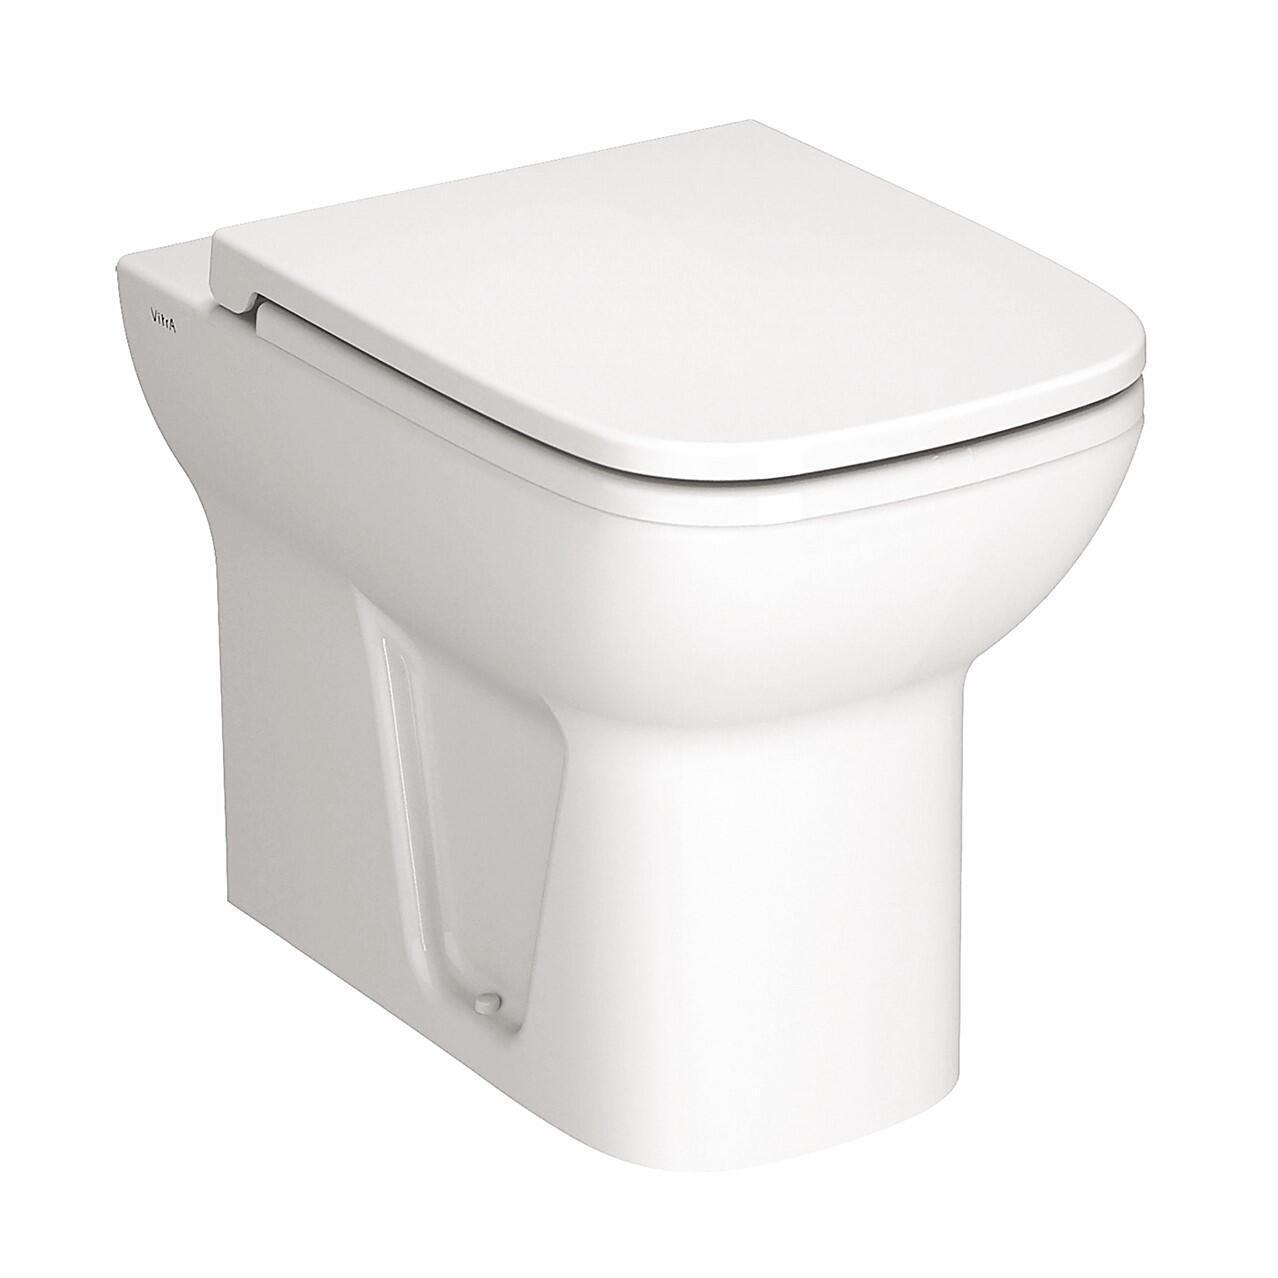 Vaso wc a pavimento s20 - 1